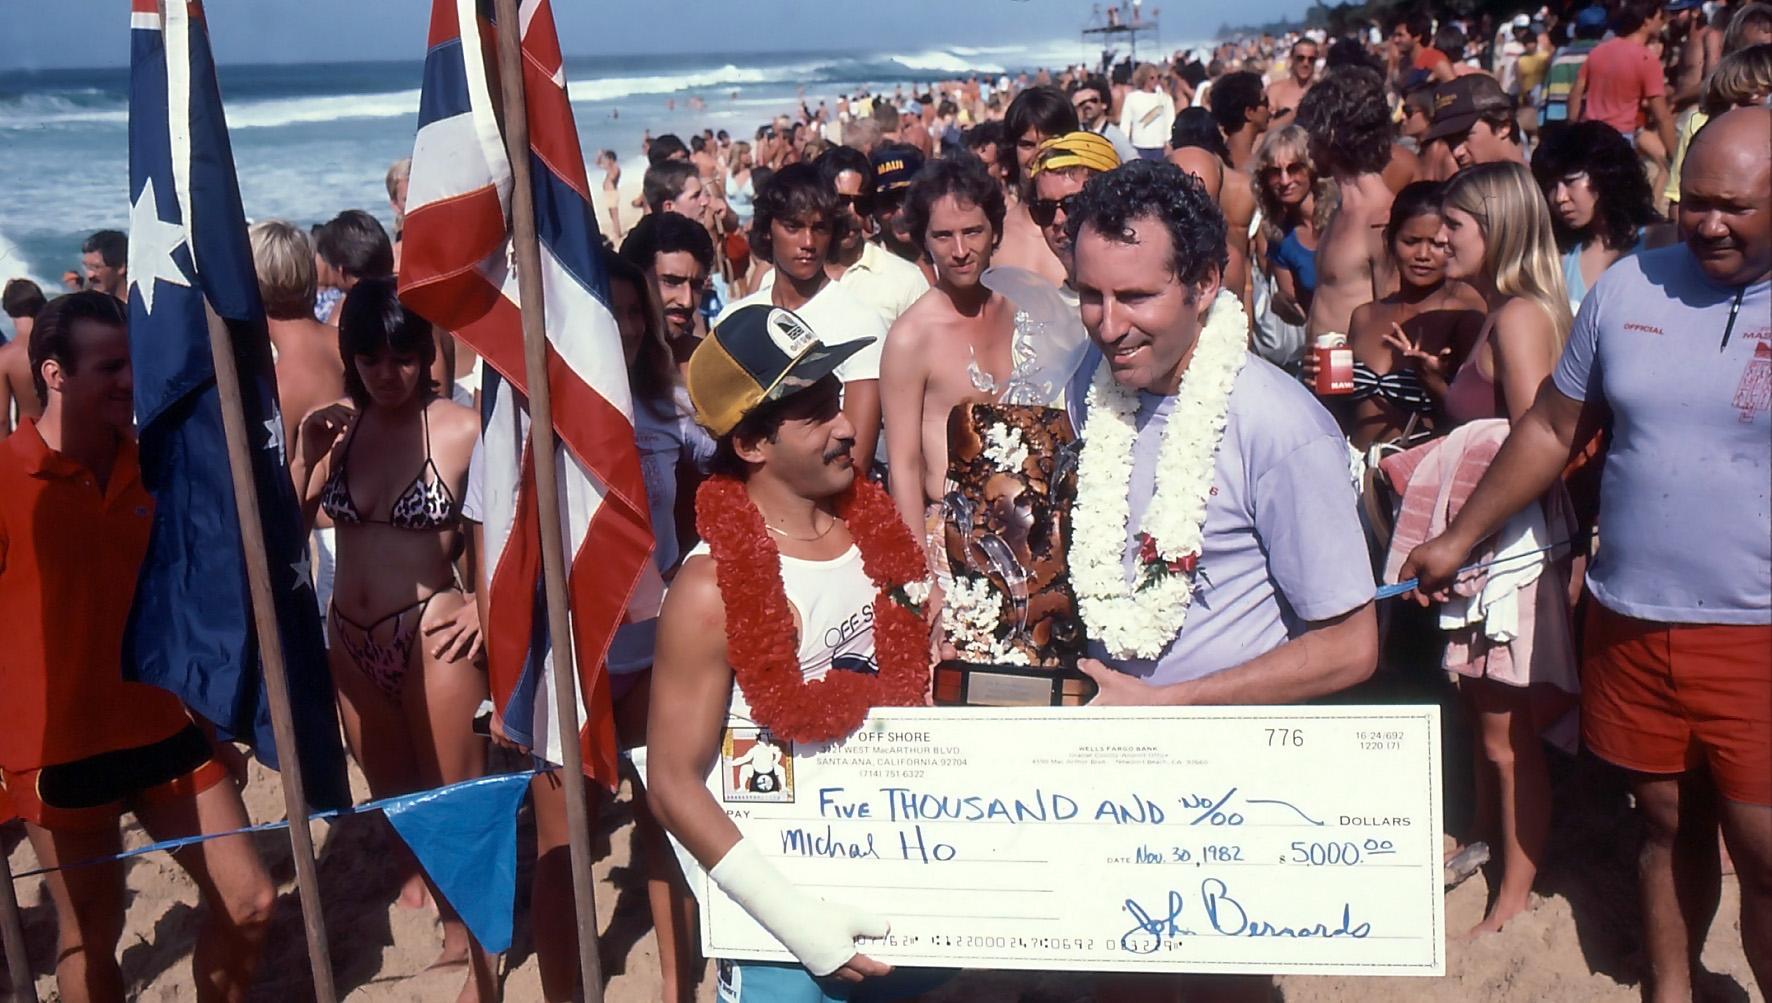 126. Michael Ho vinner Pipeline masters med bruten handled, 1982